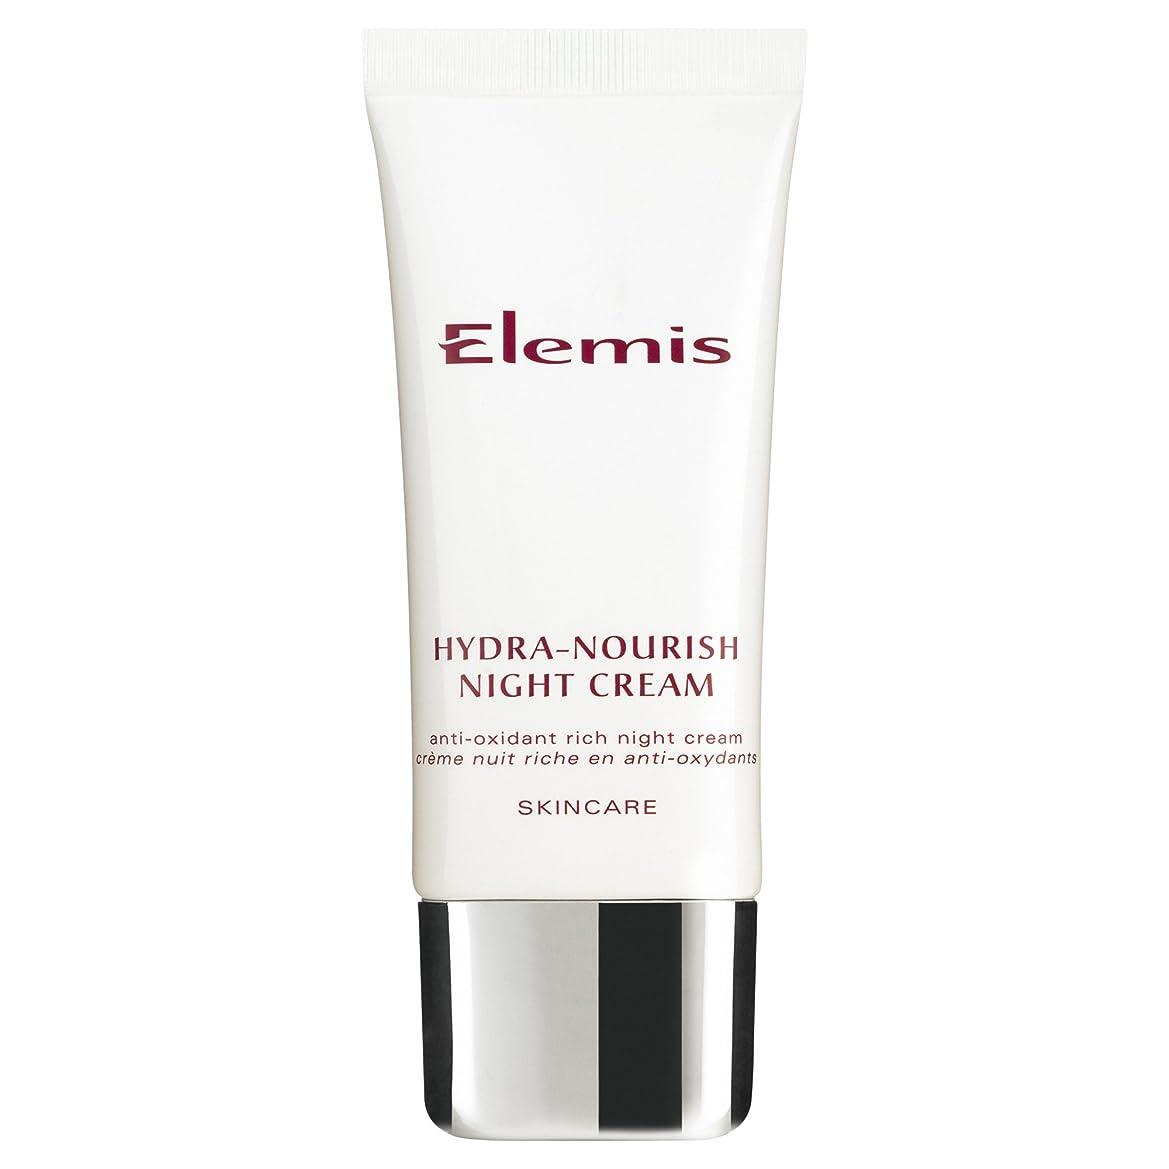 家事をする痛みゆるくエレミスヒドラ-ナリッシュナイトクリーム50ミリリットル (Elemis) (x2) - Elemis Hydra-Nourish Night Cream 50ml (Pack of 2) [並行輸入品]